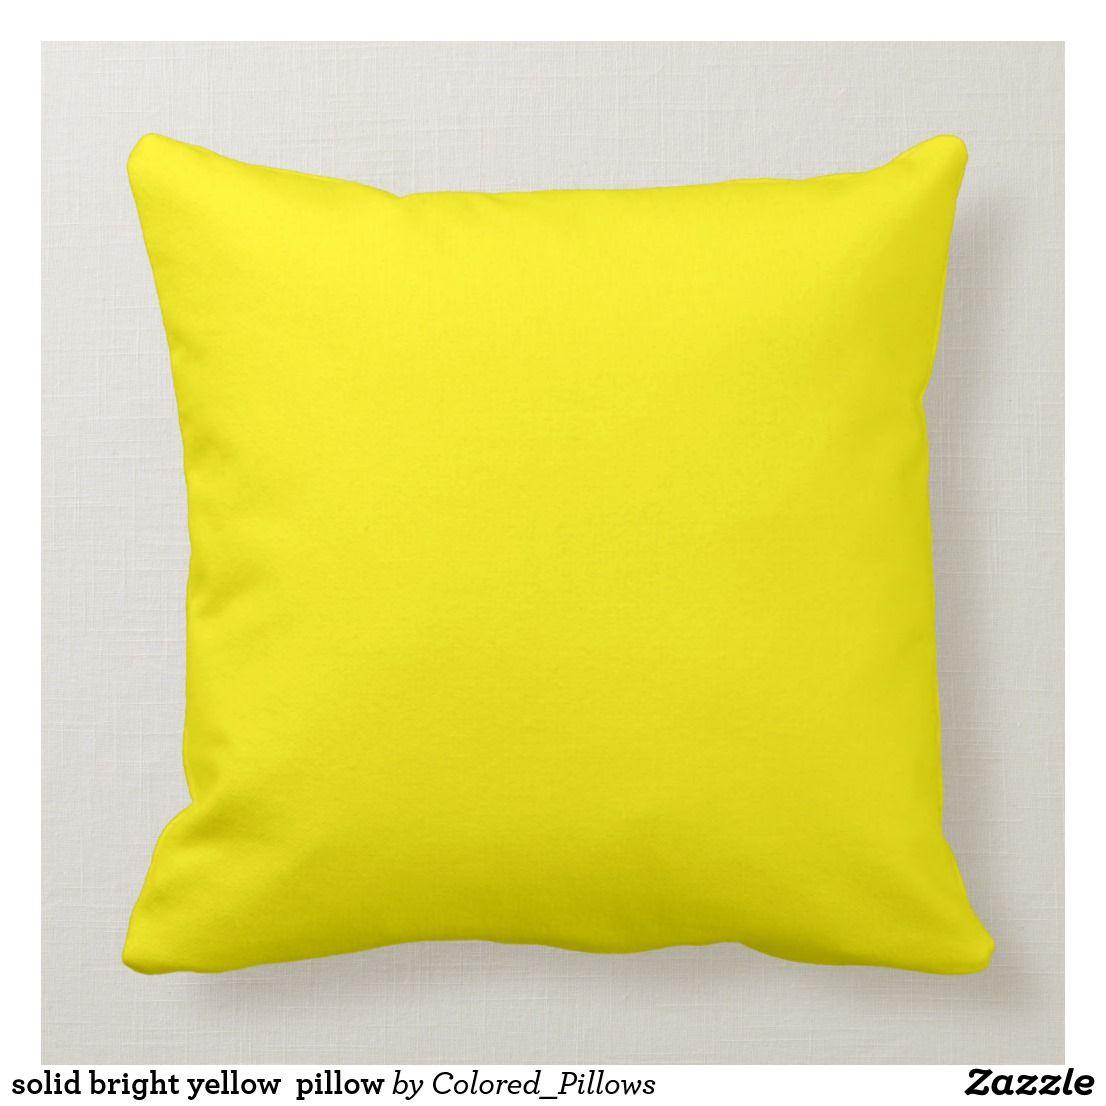 Solid Bright Yellow Pillow Zazzle Com Bright Yellow Pillows Yellow Pillows Yellow Throw Pillows